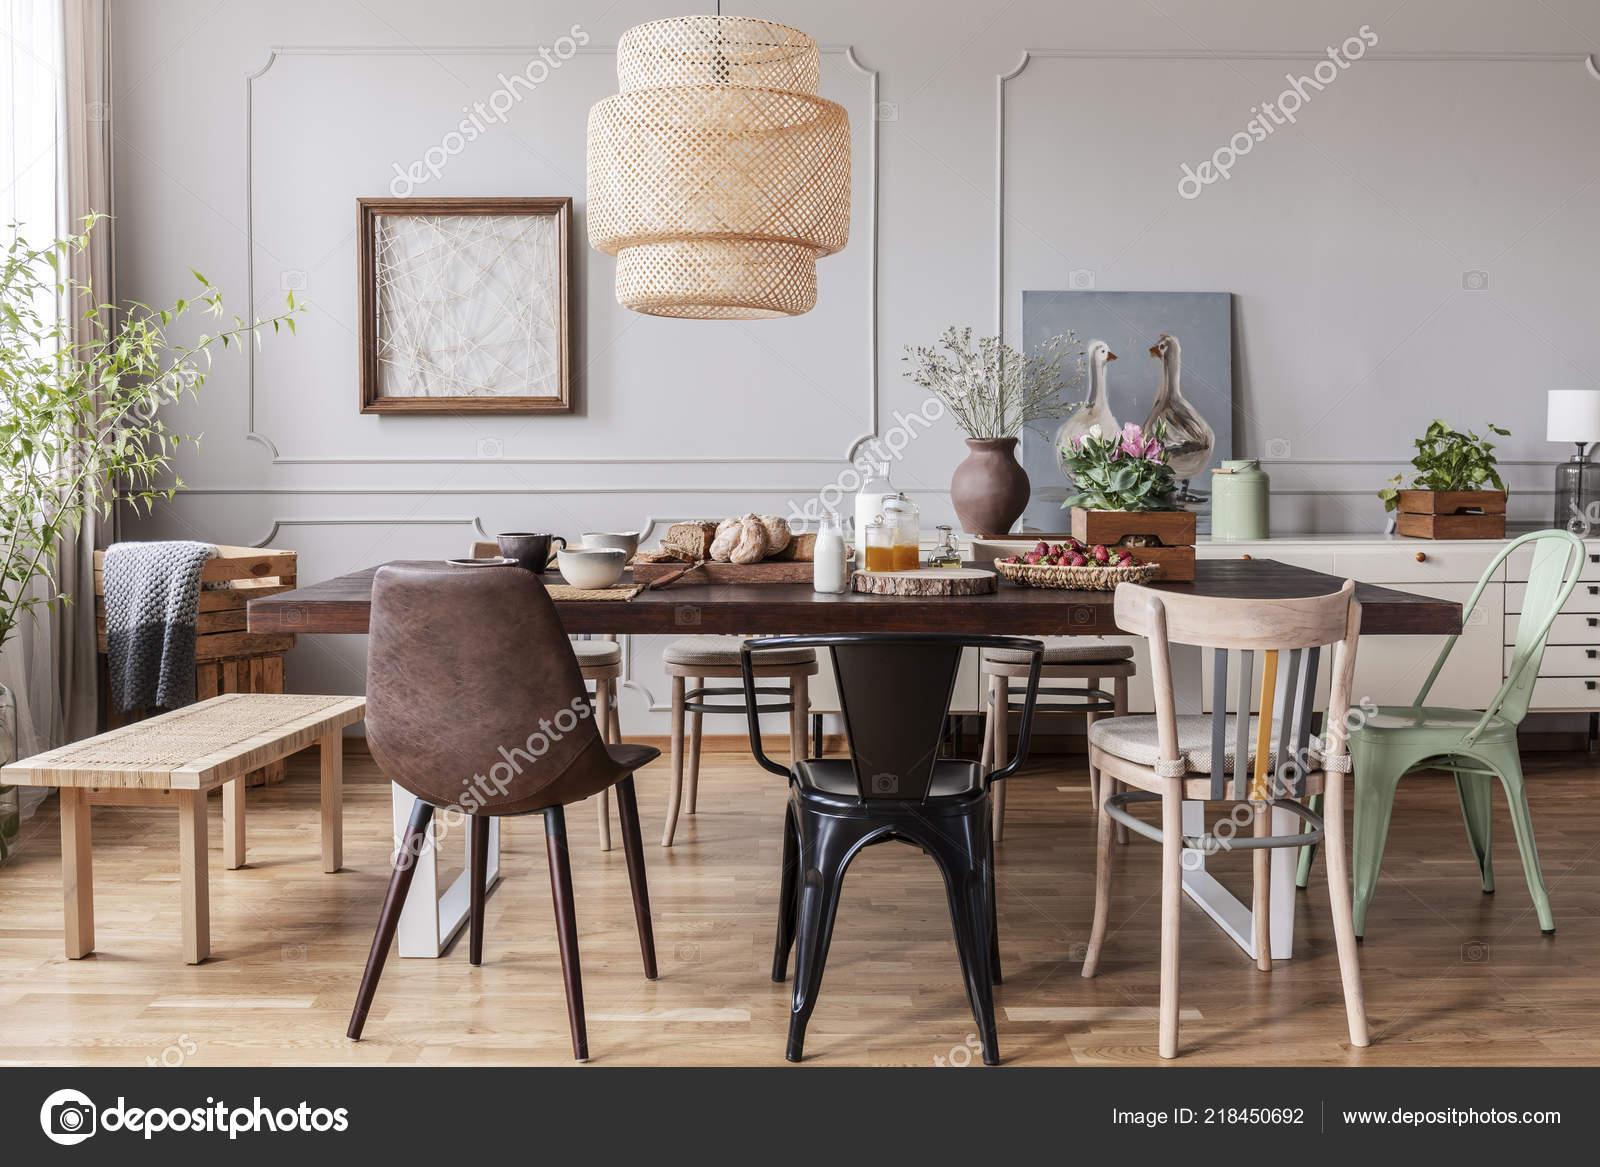 Chaises Table Manger Bois Sous Lampe Interieur Salle Manger Avec